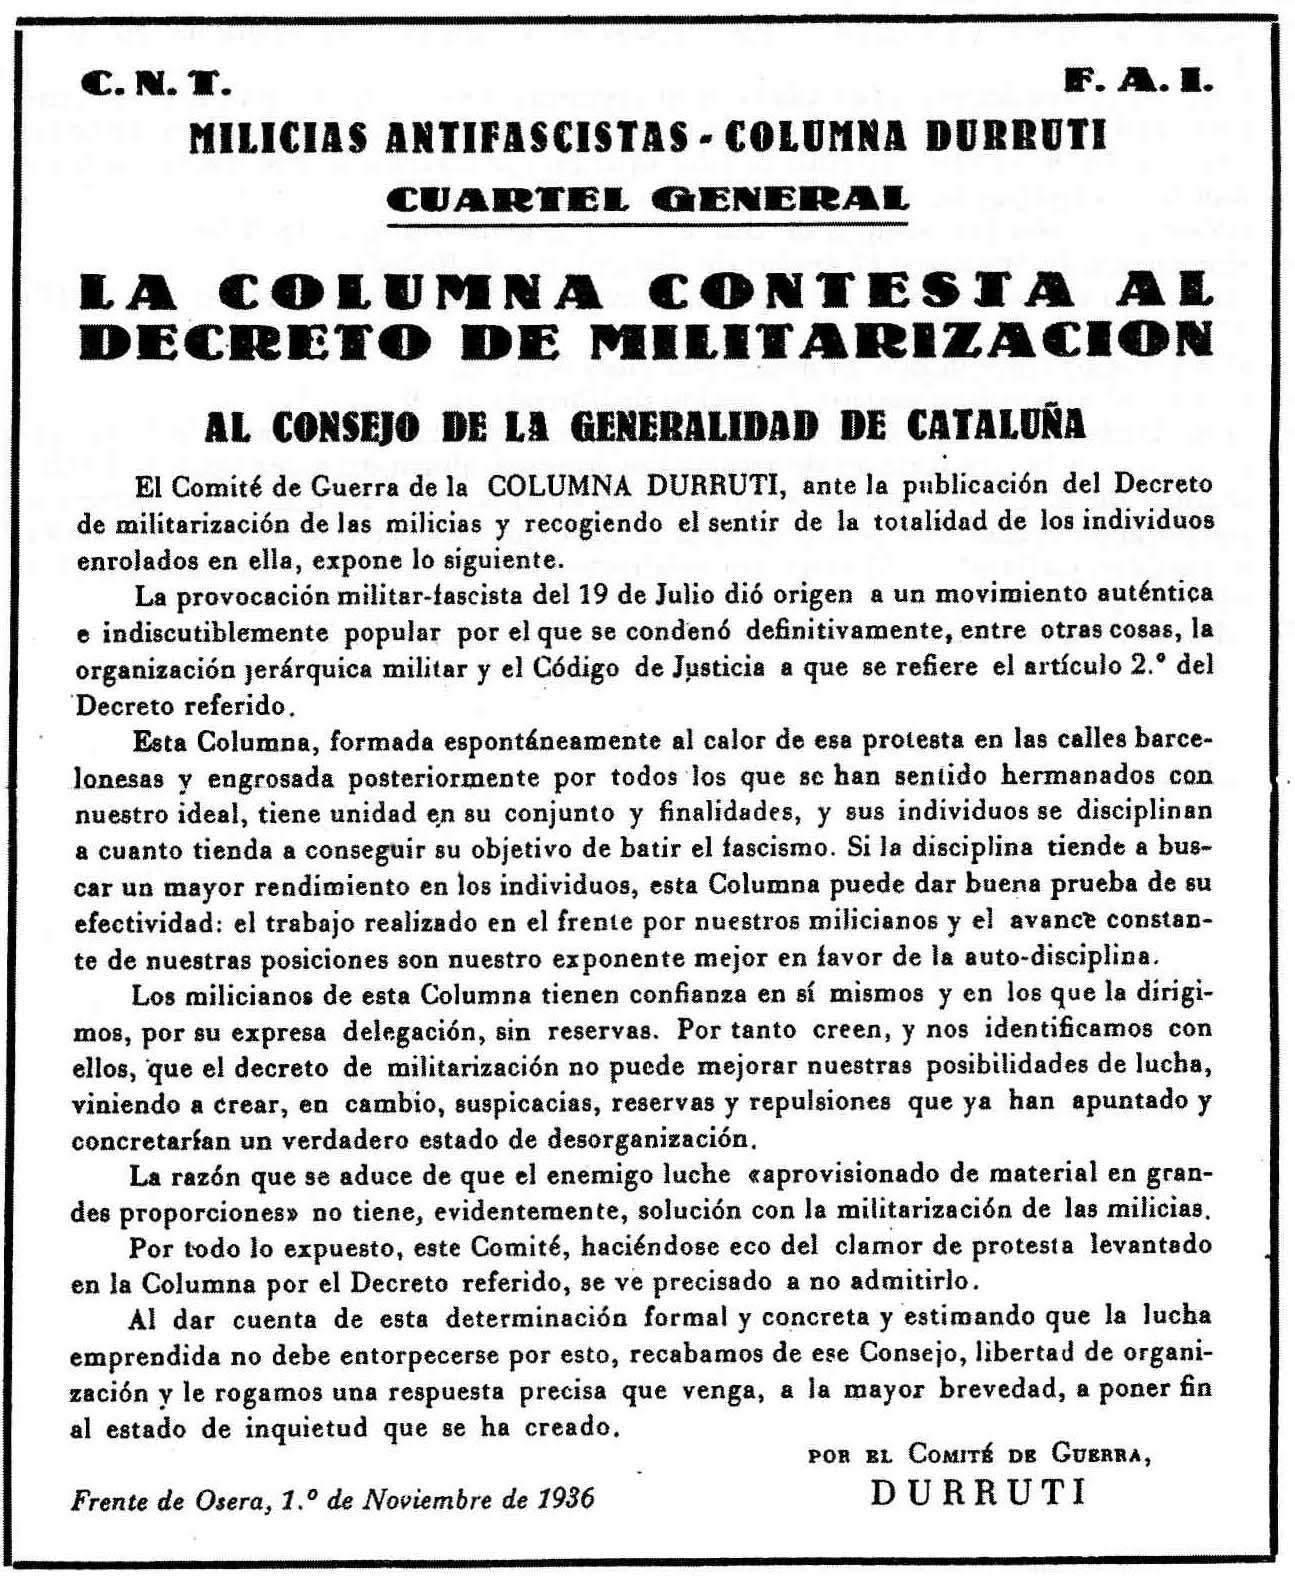 """Comunicat de la Columna Durruti publicat en """"Vía Libre"""" el 7 de novembre de 1936"""